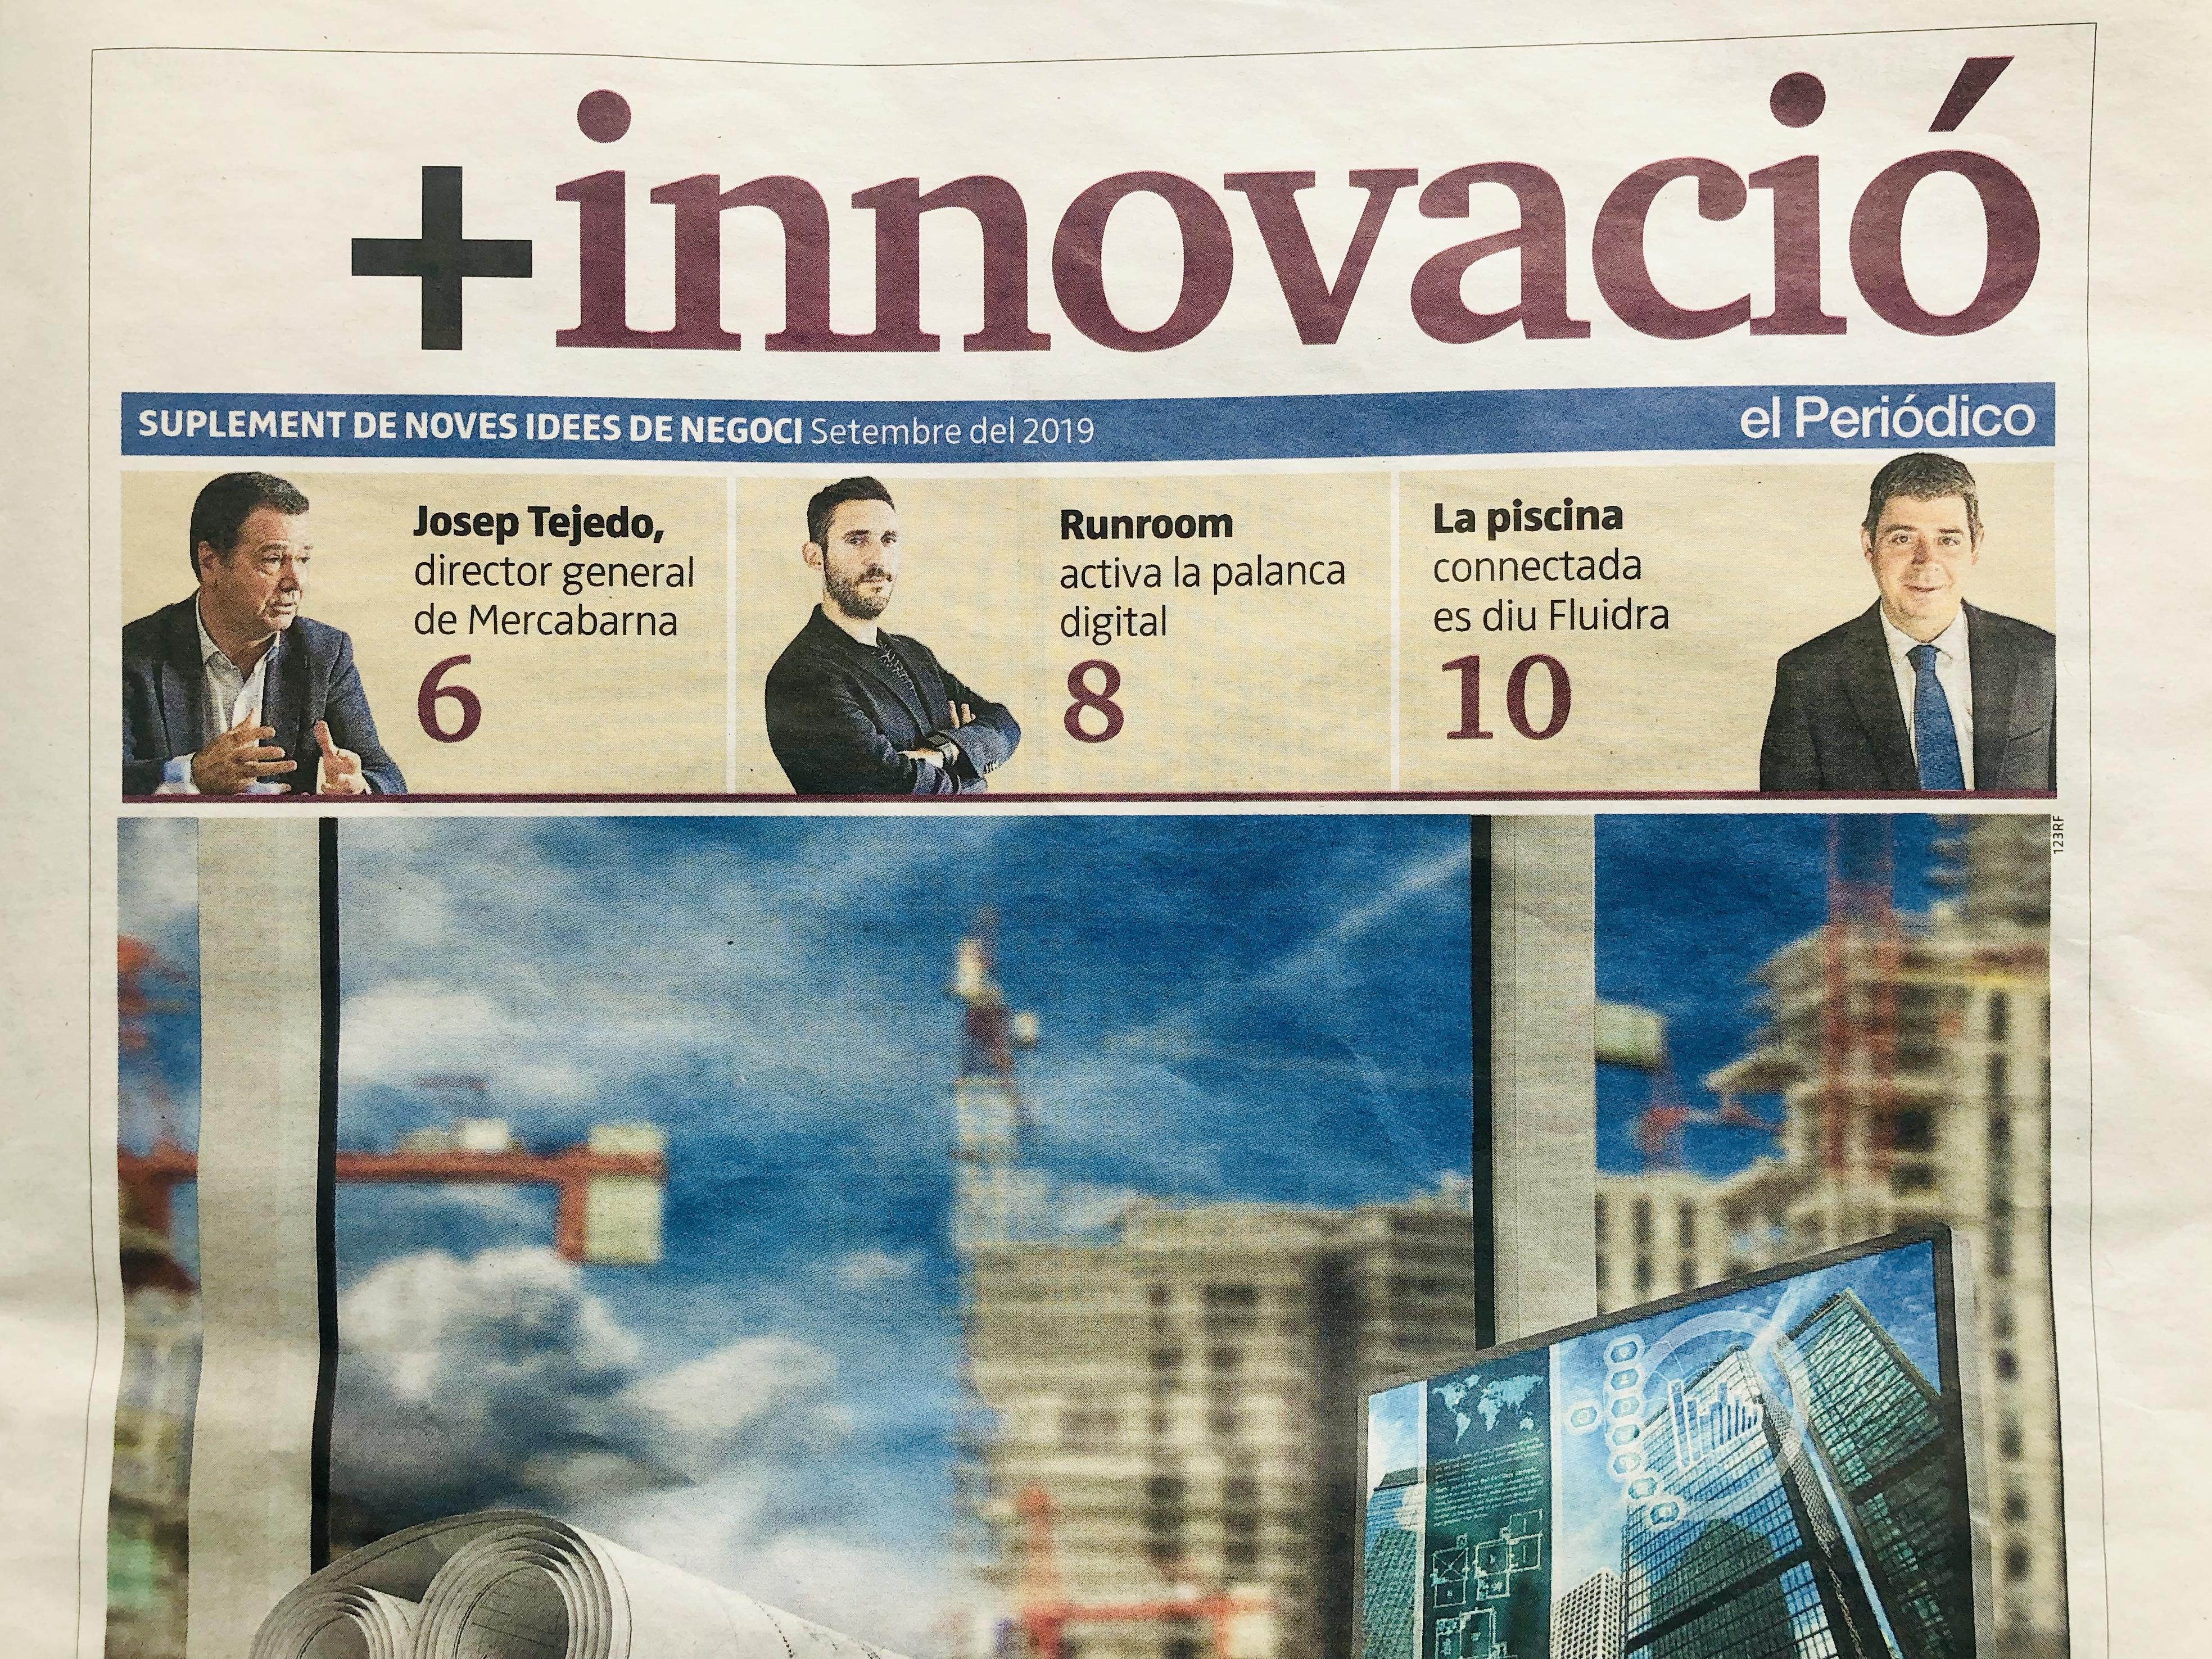 Carlos Iglesias Portada El Periodico